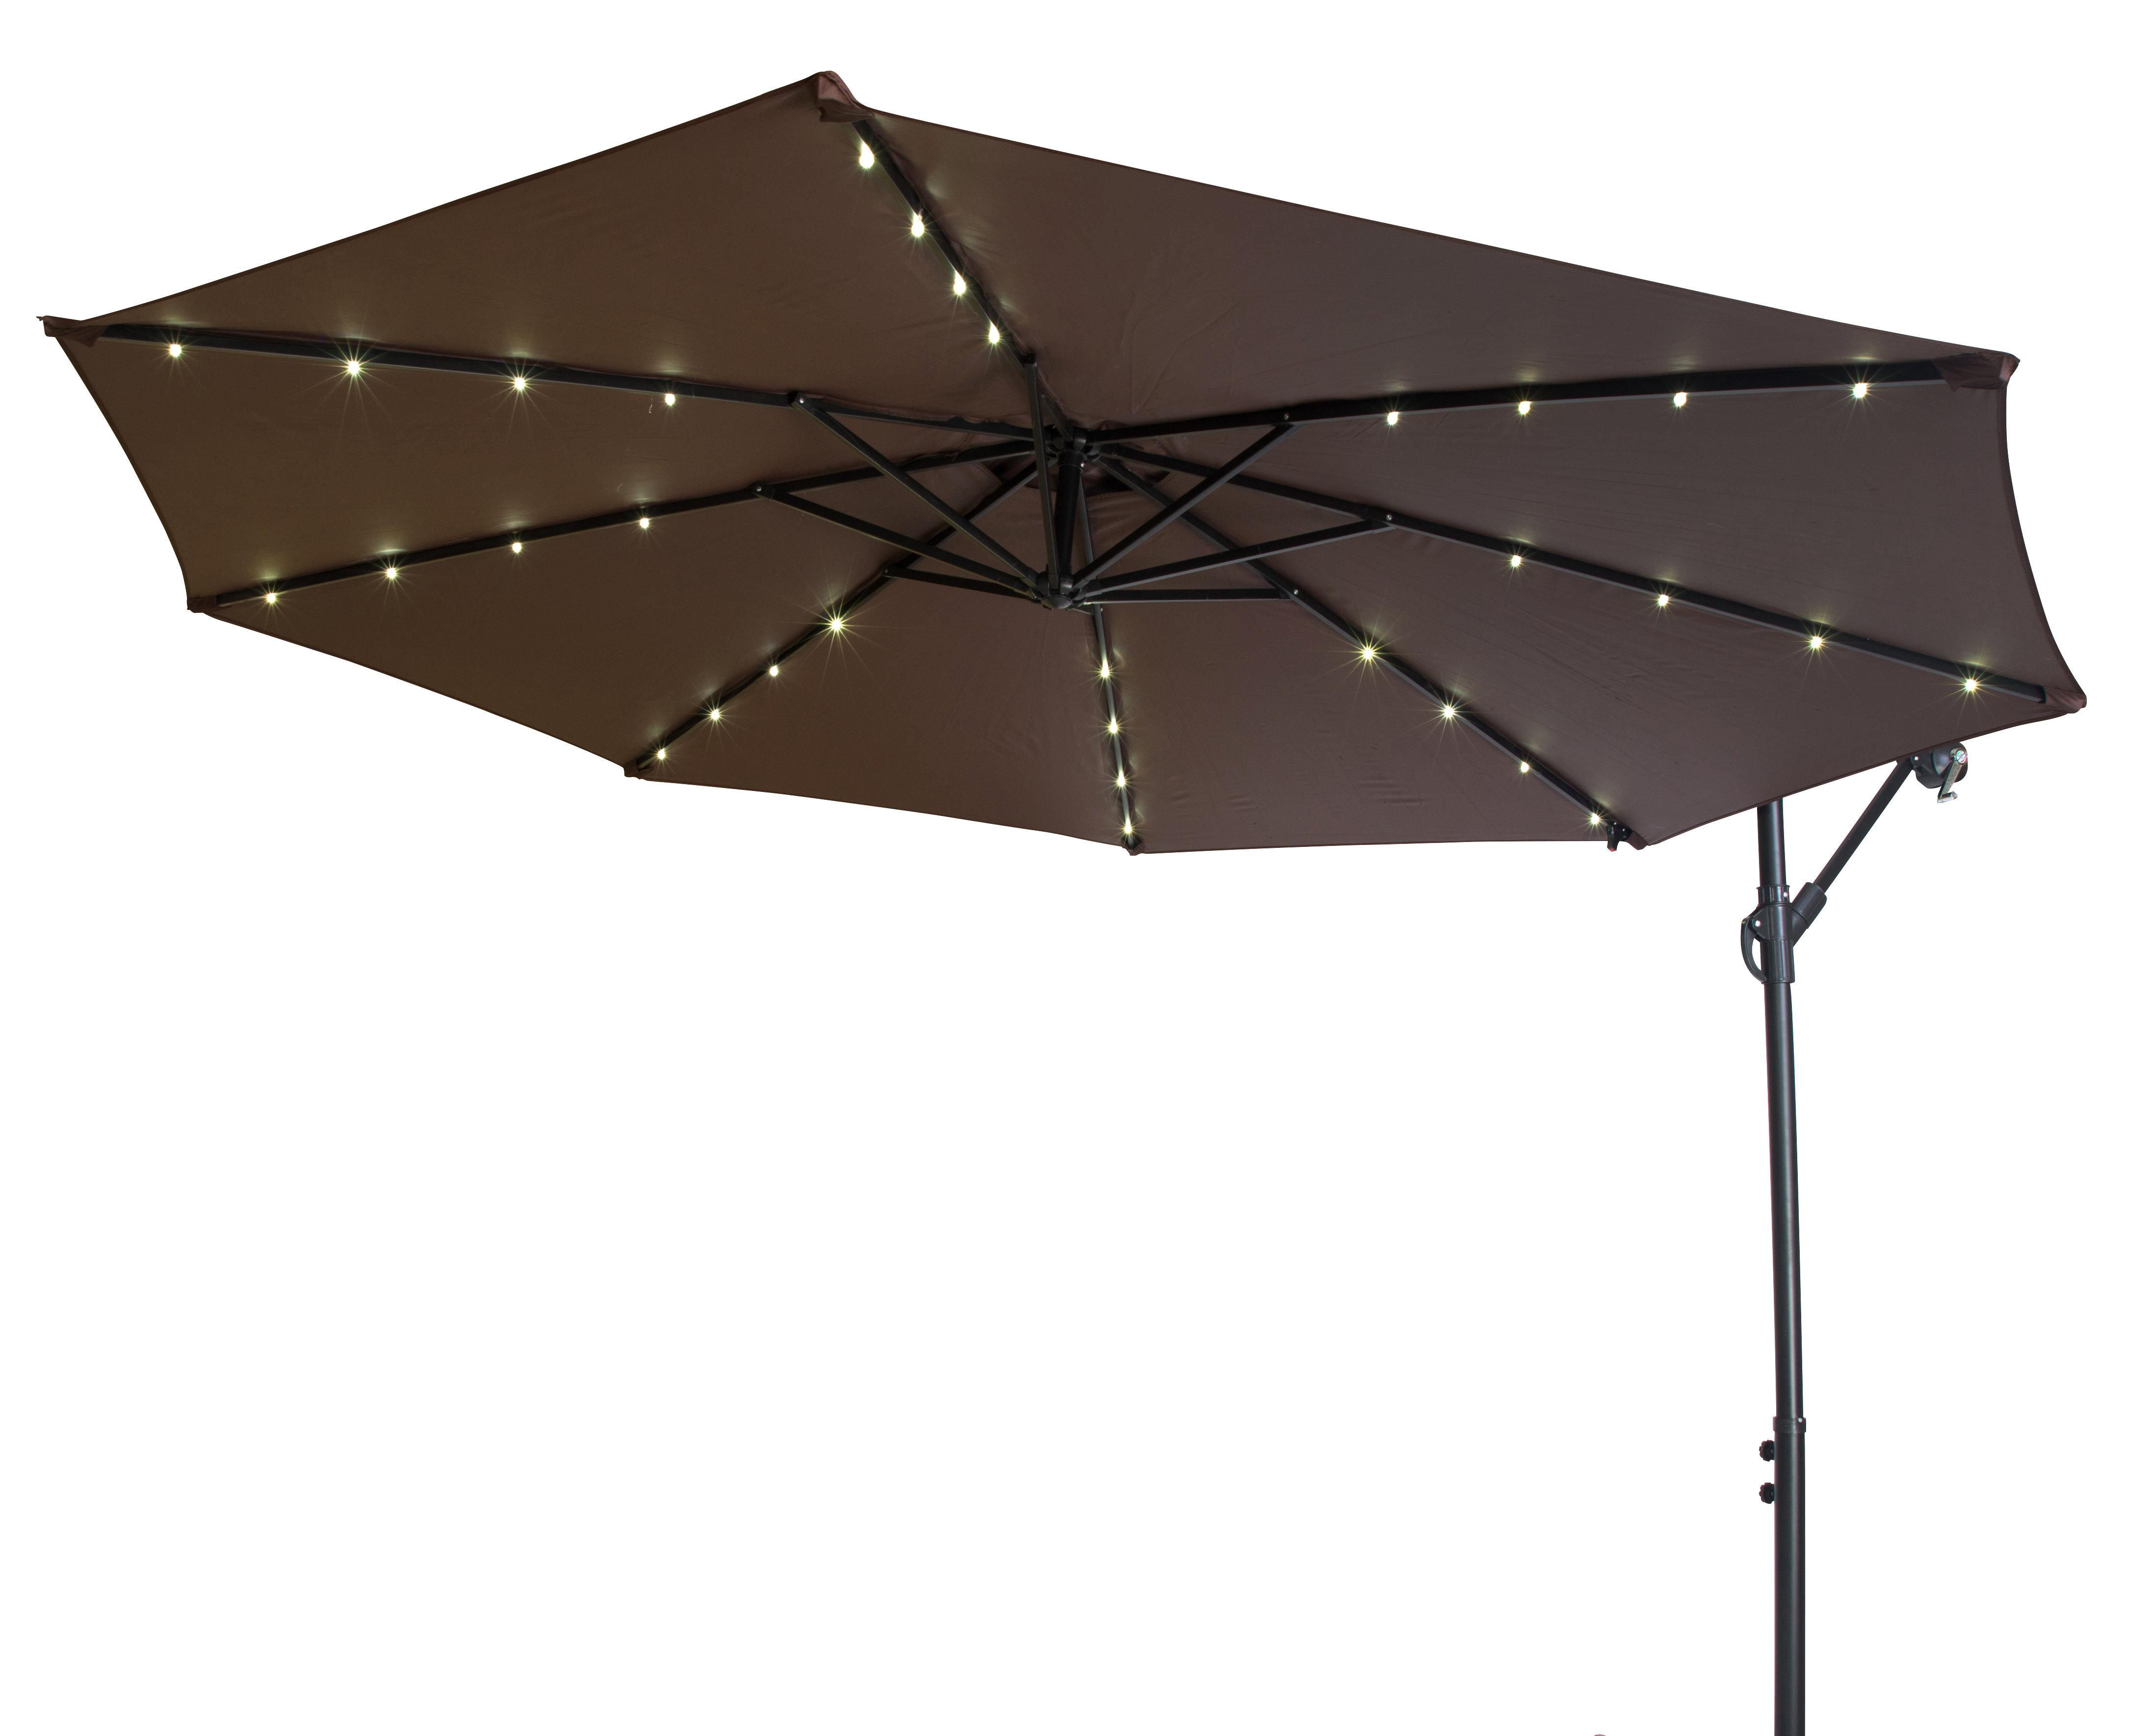 Hilma Solar Cantilever Umbrellas With Regard To 2019 Offset Patio 10' Cantilever Umbrella (View 9 of 20)